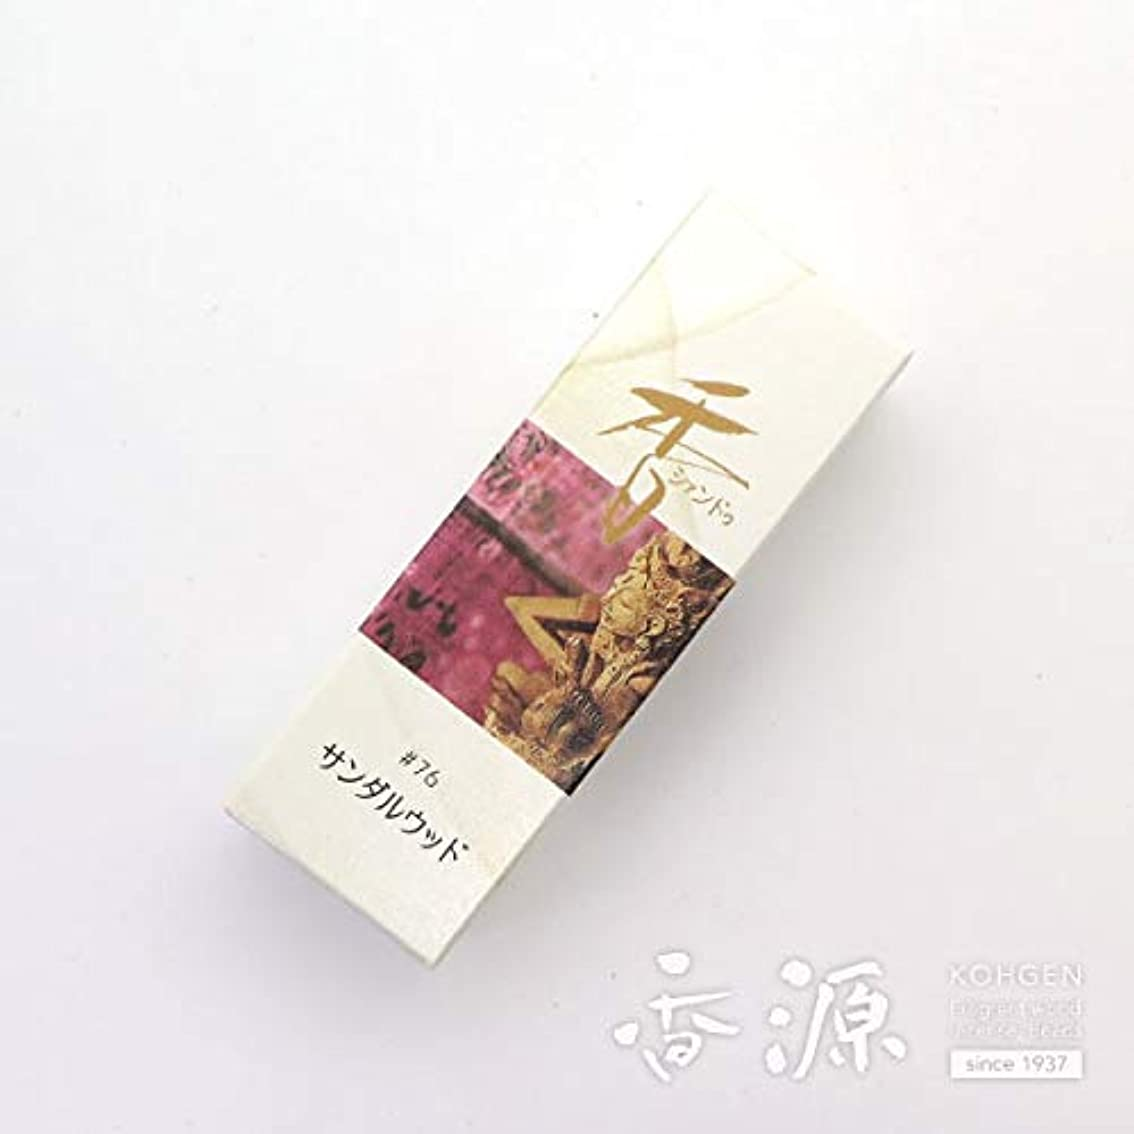 リングセラフスクラッチ松栄堂のお香 Xiang Do サンダルウッド ST20本入 簡易香立付 #214276